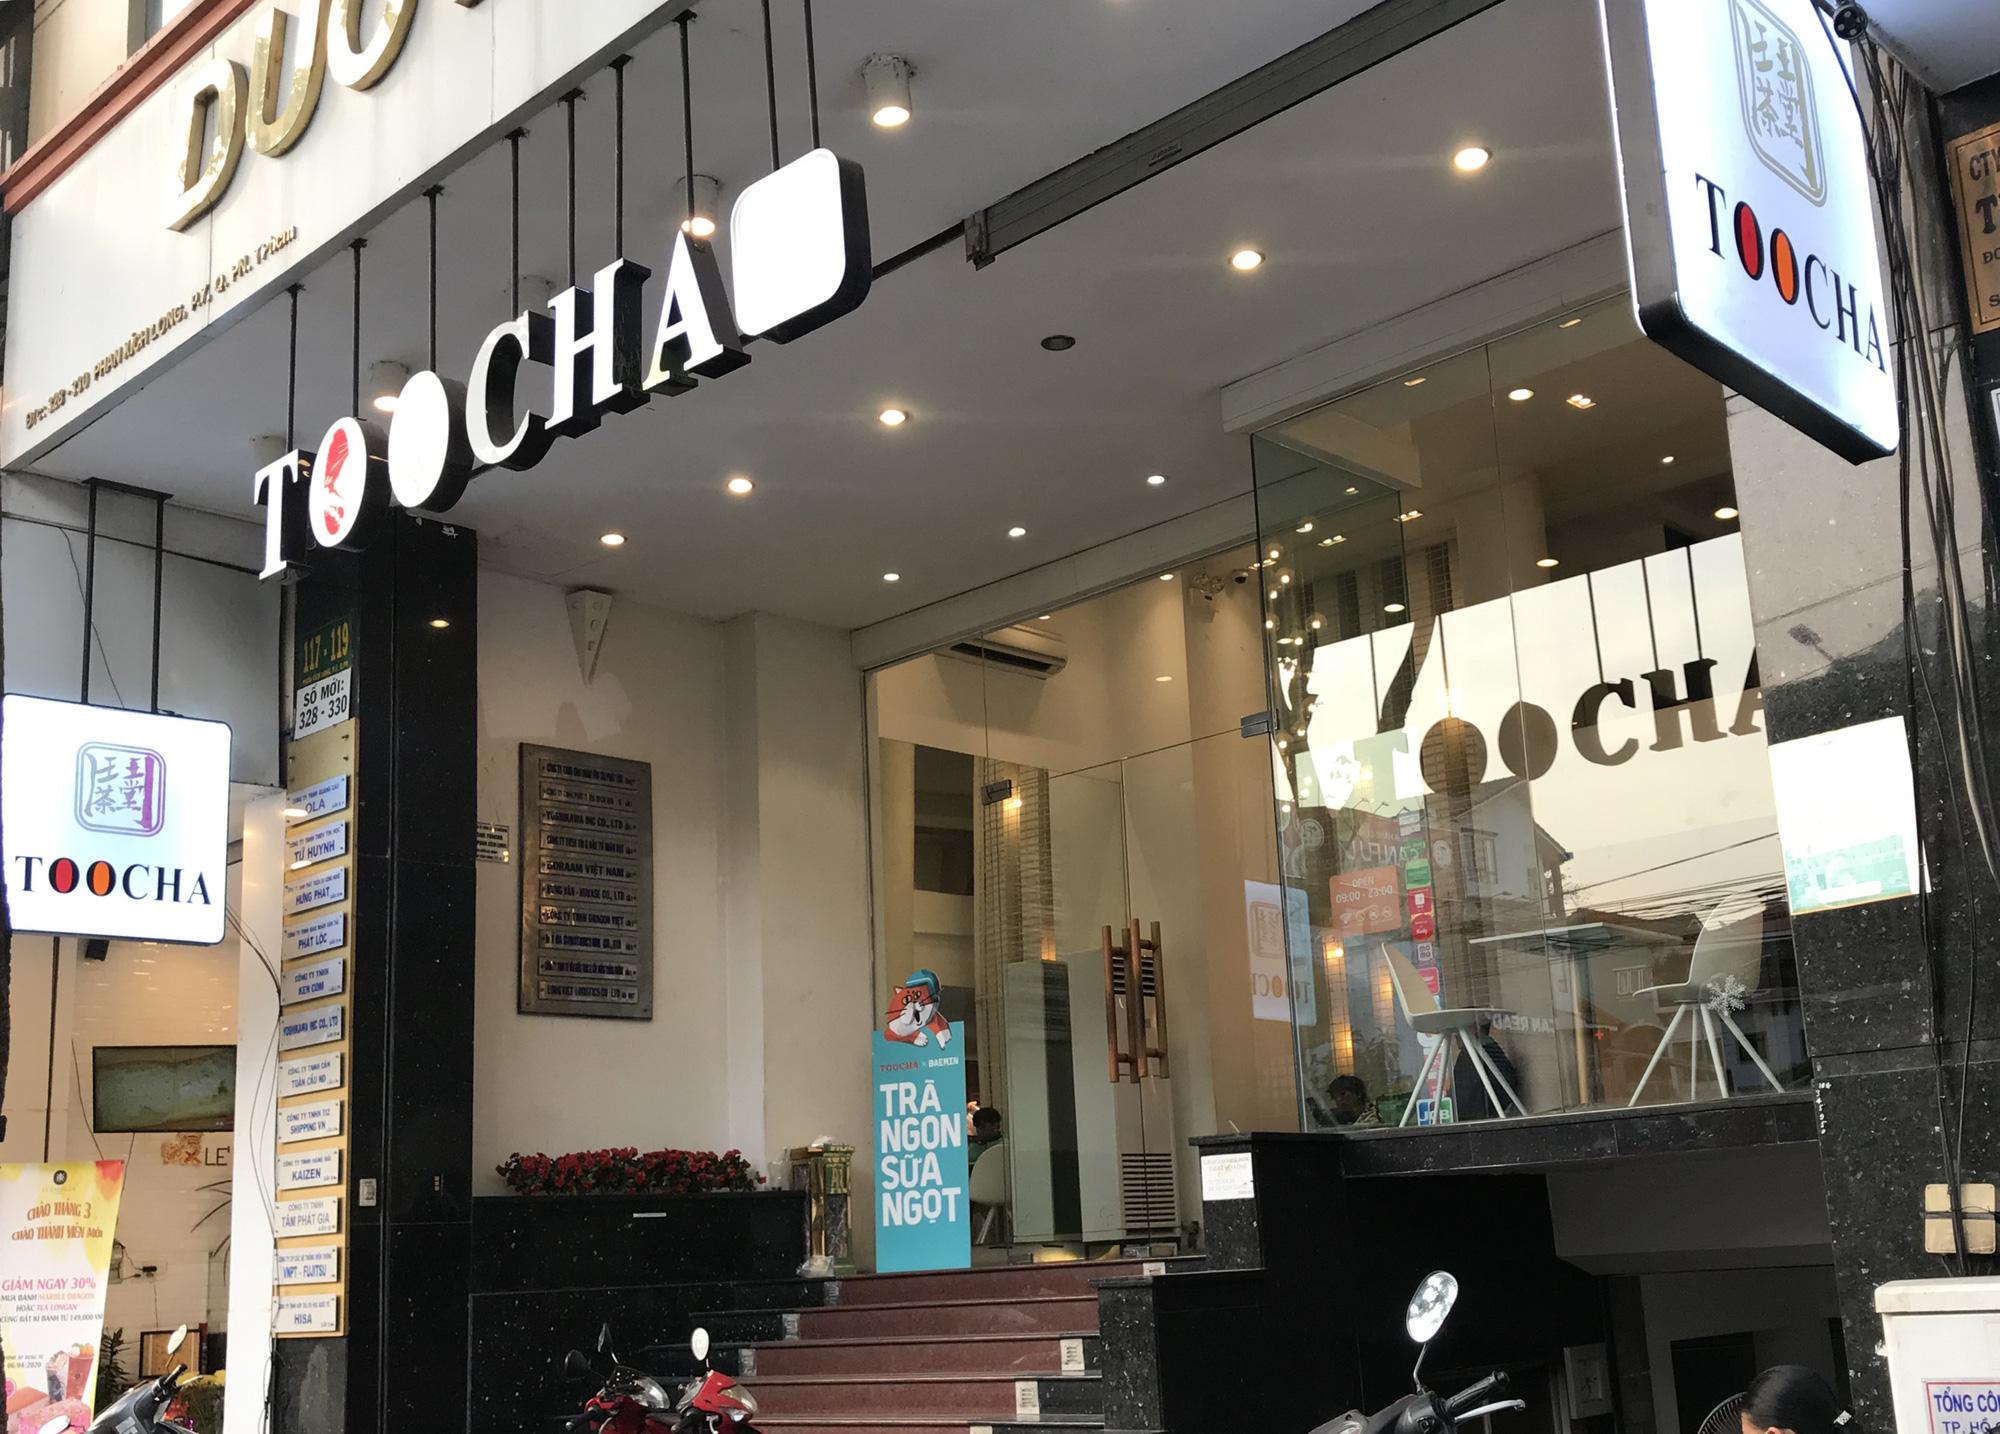 Hình ảnh loạt cửa hàng Toocha, sữa đậu nành Mr Bean của Shark Thủy, thậm chí 7-Eleven cũng đóng cửa vì Covid-19 - Ảnh 10.